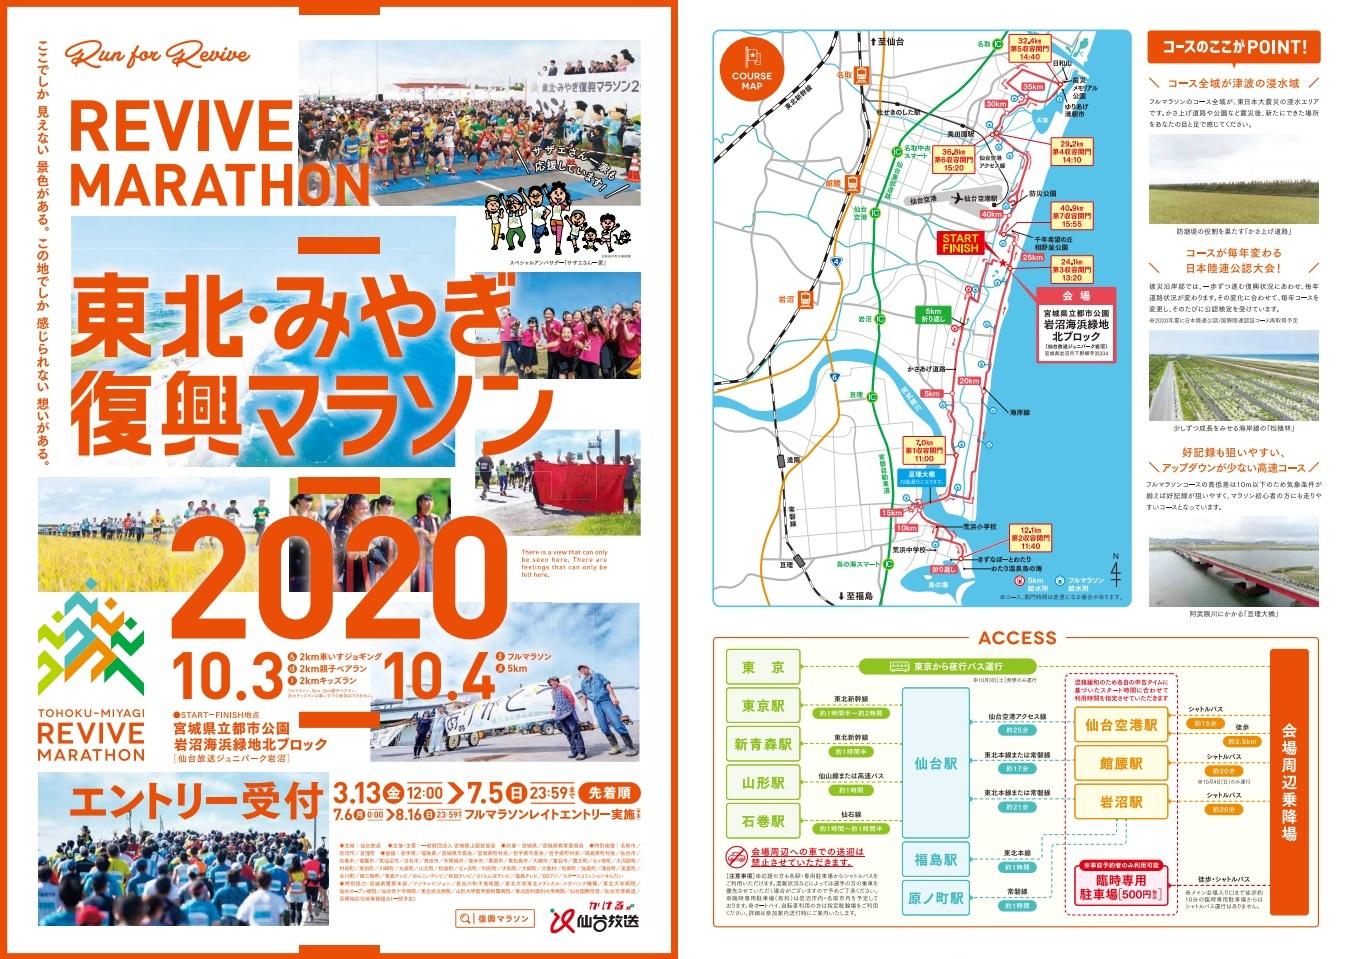 東北・みやぎ復興マラソン2020結果速報・エントリー・日程コース